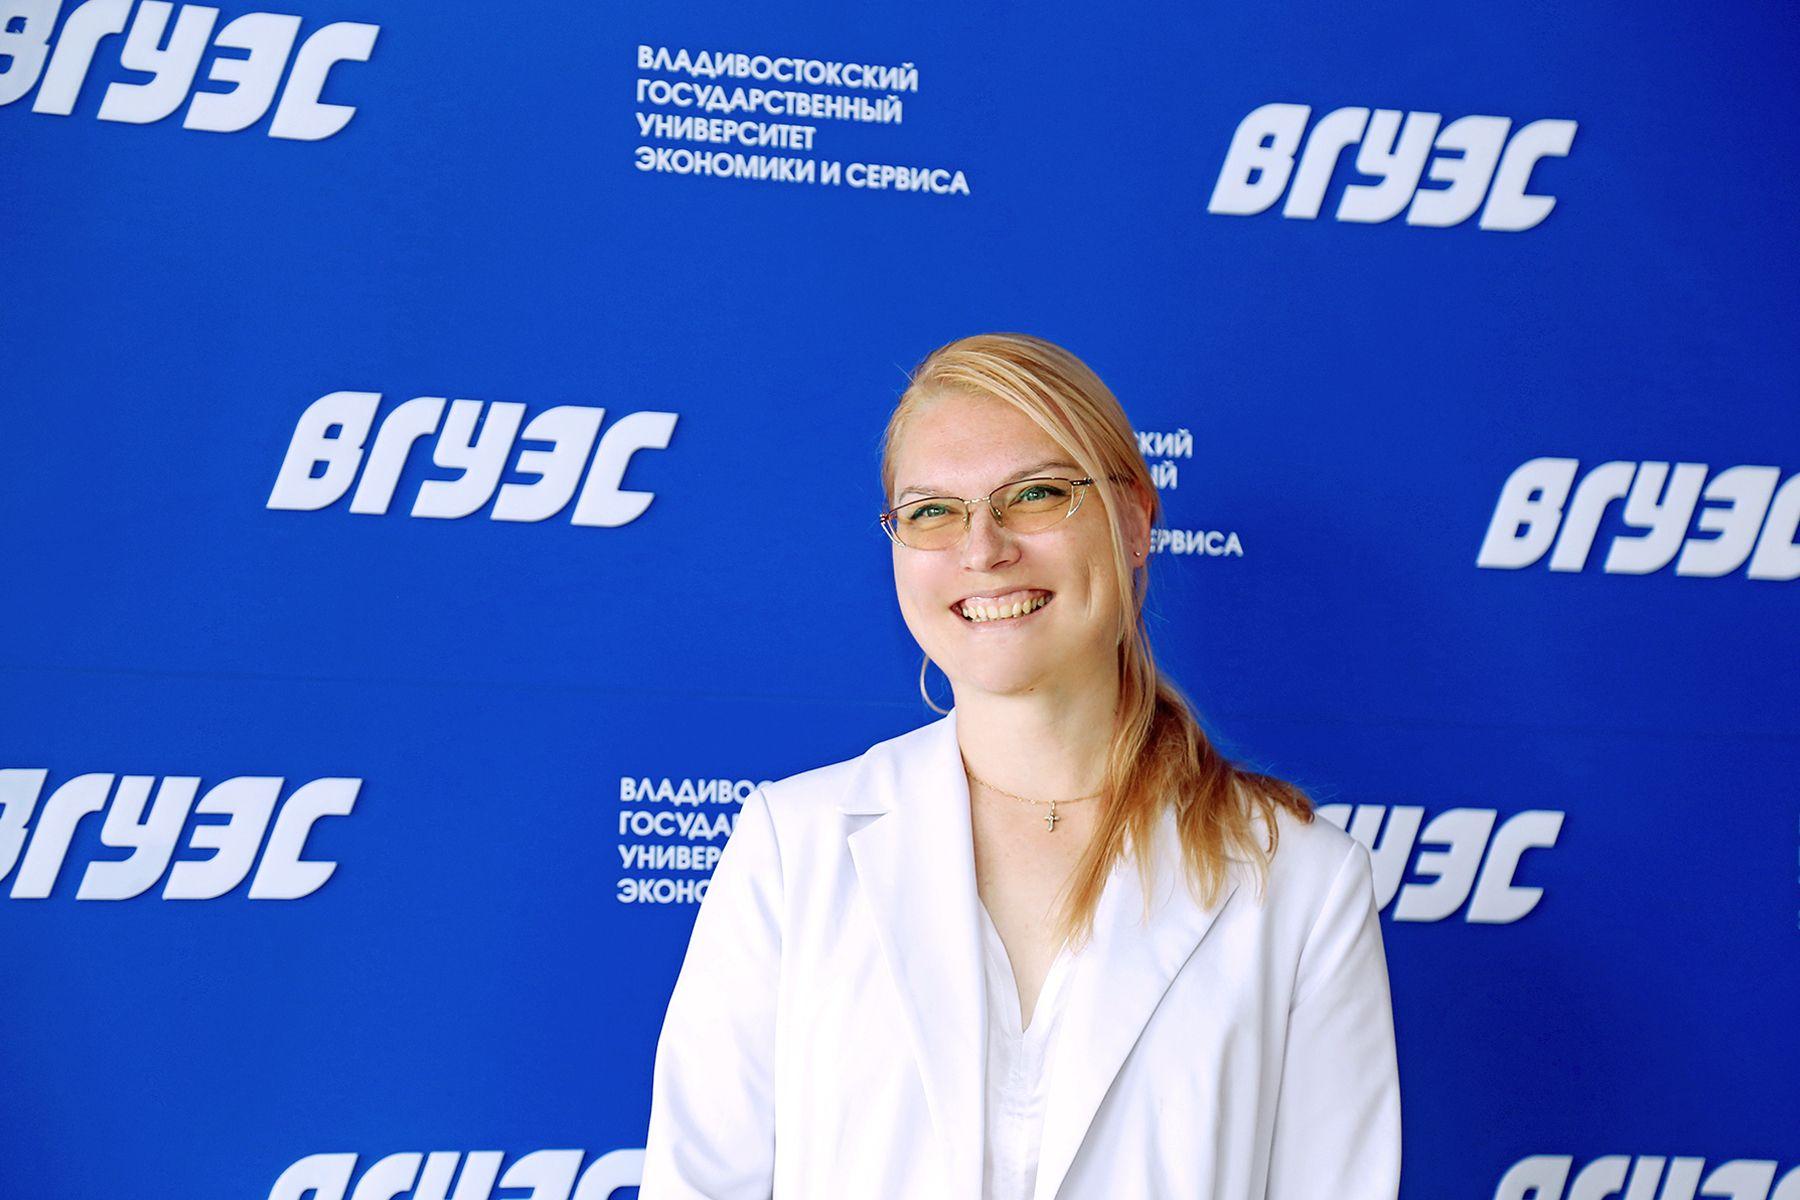 Преподаватель ВГУЭС Екатерина Данилина — лауреат IX Всероссийского конкурса инновационных образовательных технологий «Лучший молодой преподаватель - 2021»